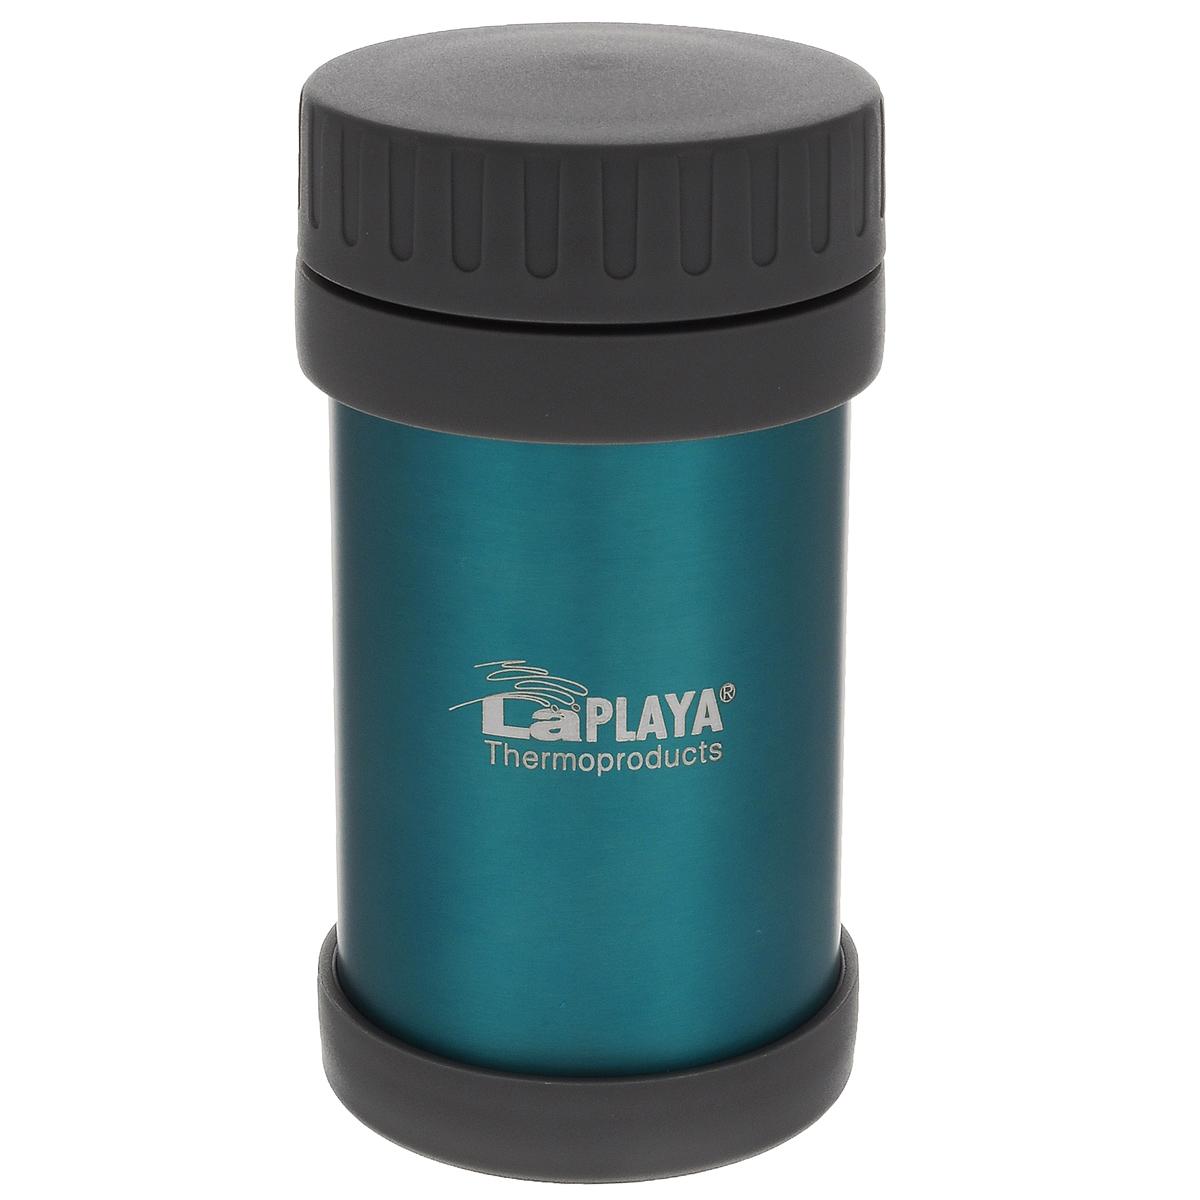 Термос LaPlaya JMG, цвет: бирюзовый, 500 мл560031Термос LaPlaya JMG изготовлен из высококачественной нержавеющей стали 18/8 и пластика. Термос с двухстеночной вакуумной изоляцией, предназначенный для хранения горячих и холодных продуктов, сохраняет их до 6 часов горячими и холодными в течении 8 часов. Термос очень легкий, имеет широкое горло и закрывается герметичной крышкой. Идеально подходит для напитков, а также первых и вторых блюд. Высота: 16,5 см. Диаметр горлышка: 7 см.